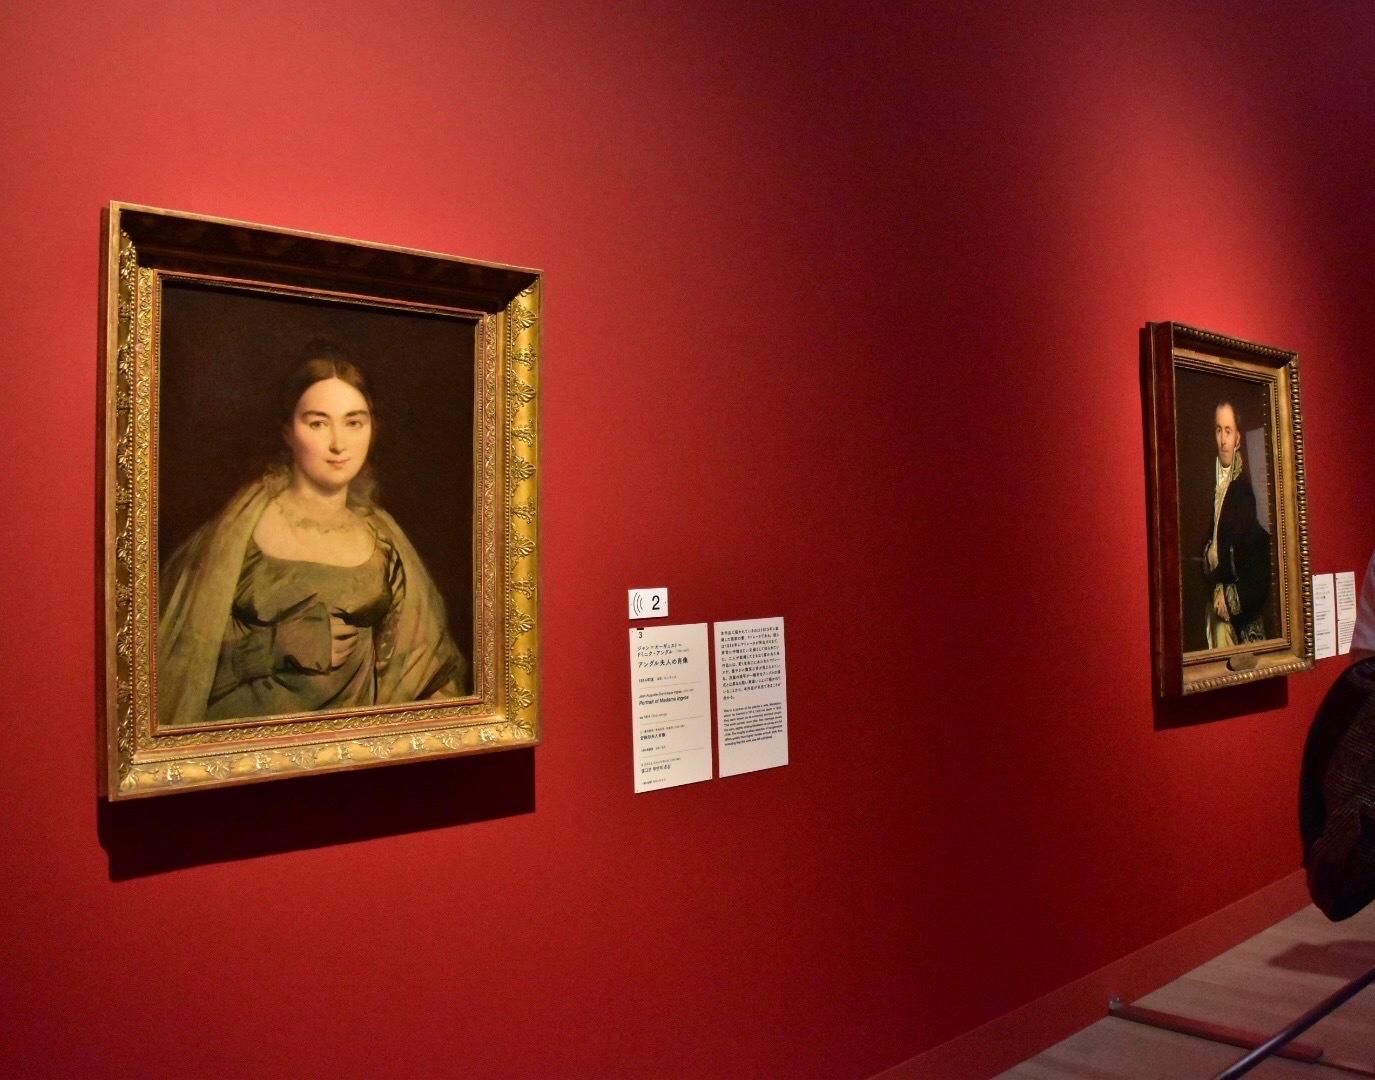 ジャン=オーギュスト=ドミニク・アングル 《アングル夫人の肖像》 1814年頃